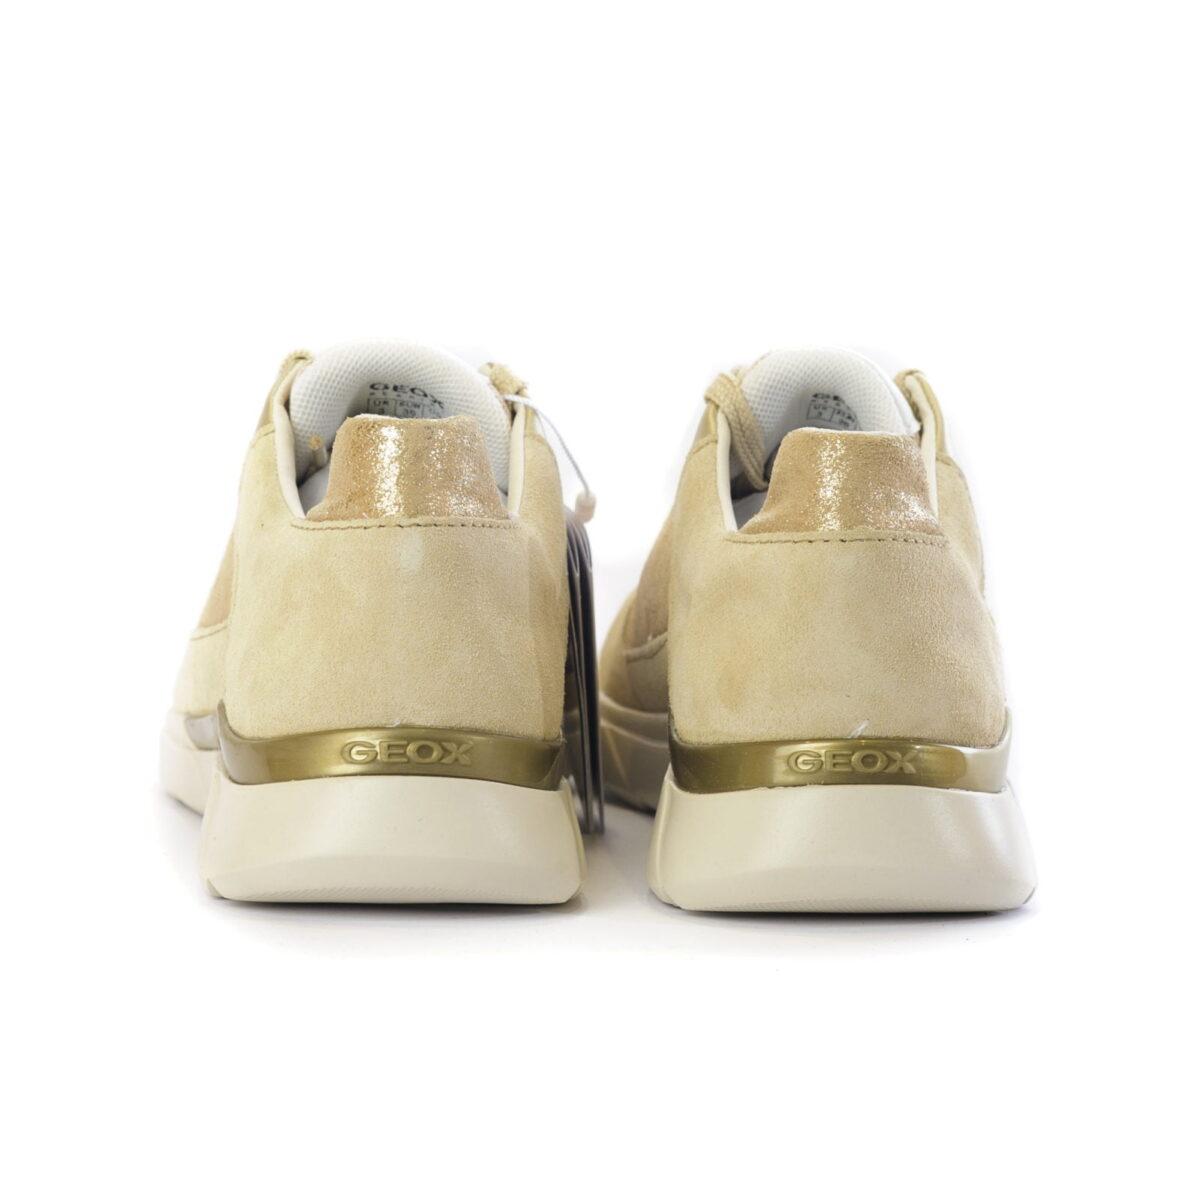 Γυναικείο Sneaker με Gold Λεπτομέρειες 2